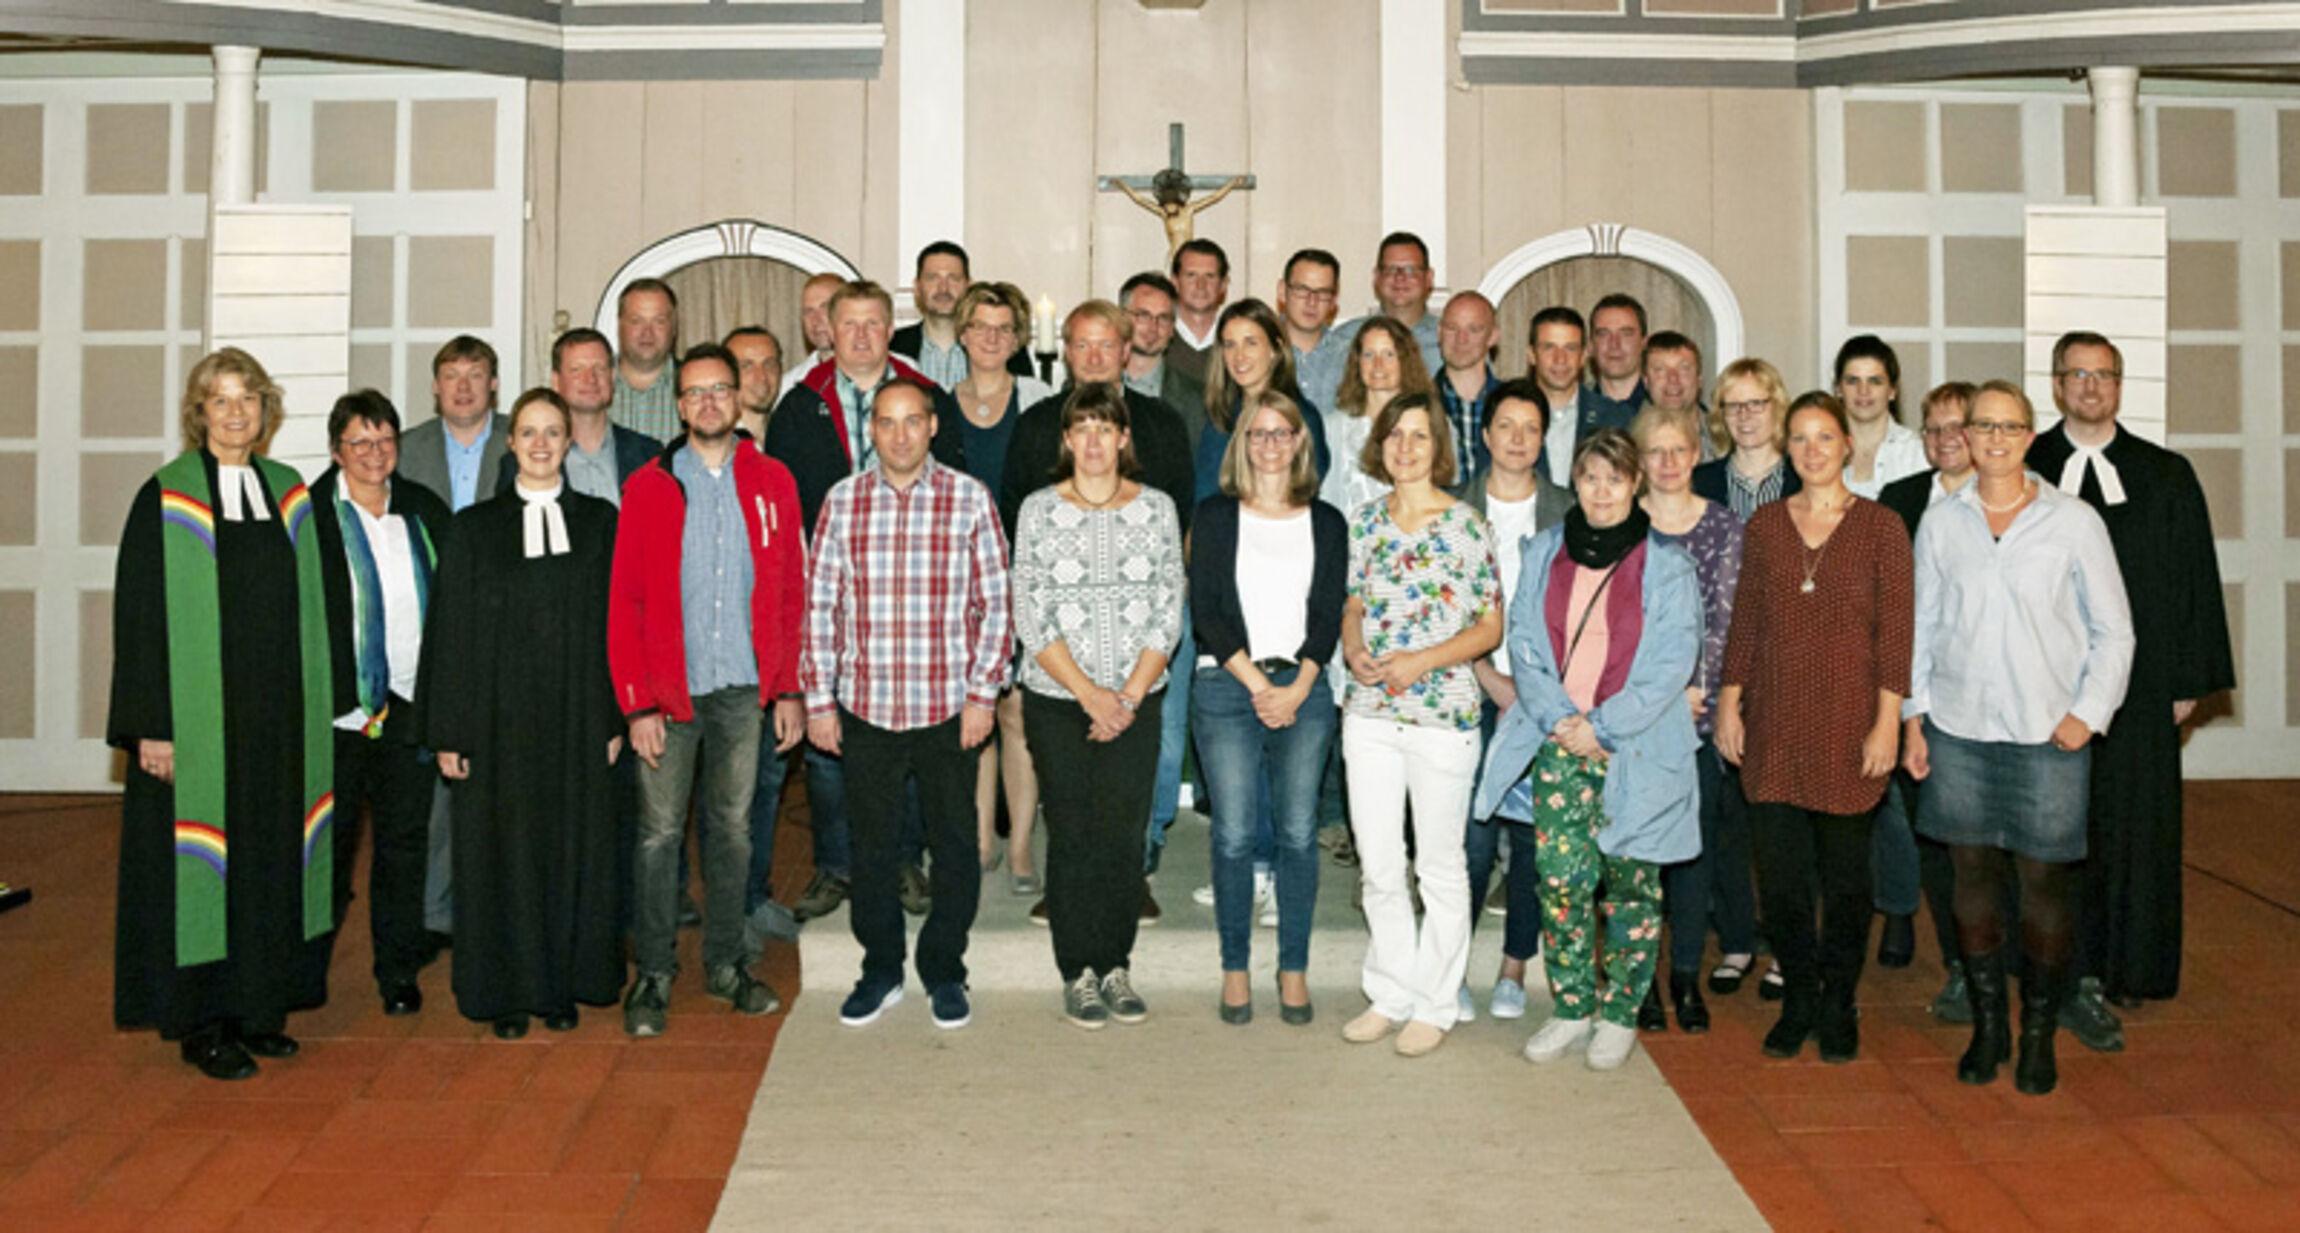 Silberkonfirmation2019(1993-1994)TChristmann_bearbeitet_800xXXX